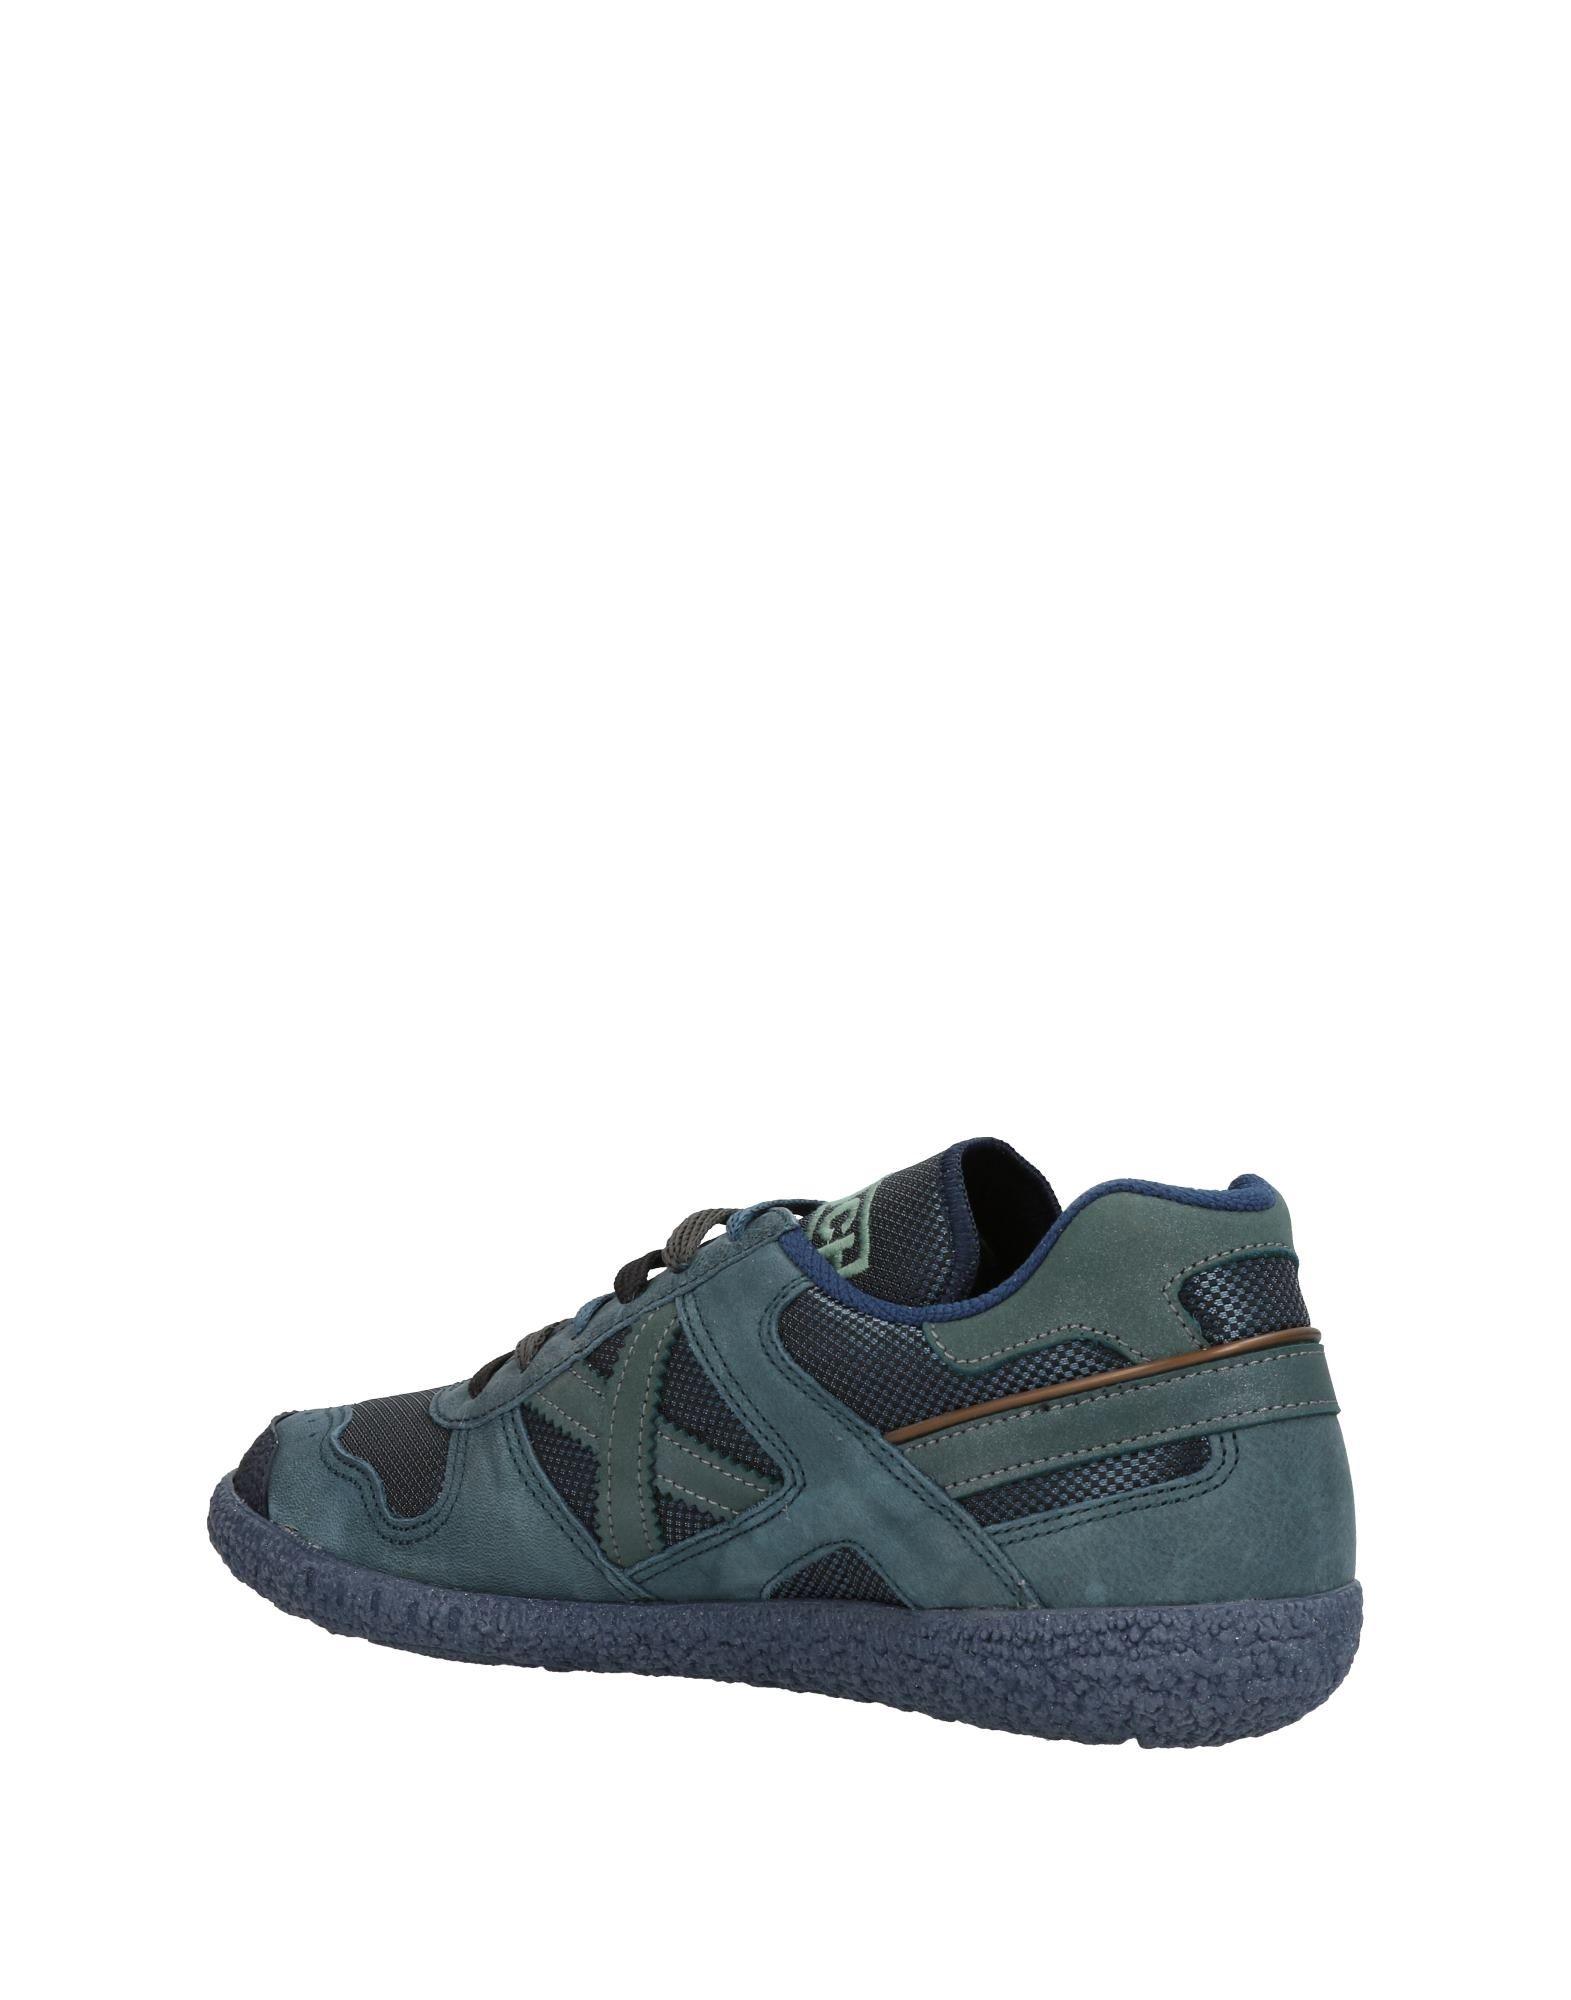 Munich Sneakers Damen  11454275BG Gute Qualität beliebte Schuhe Schuhe Schuhe 8c22c1